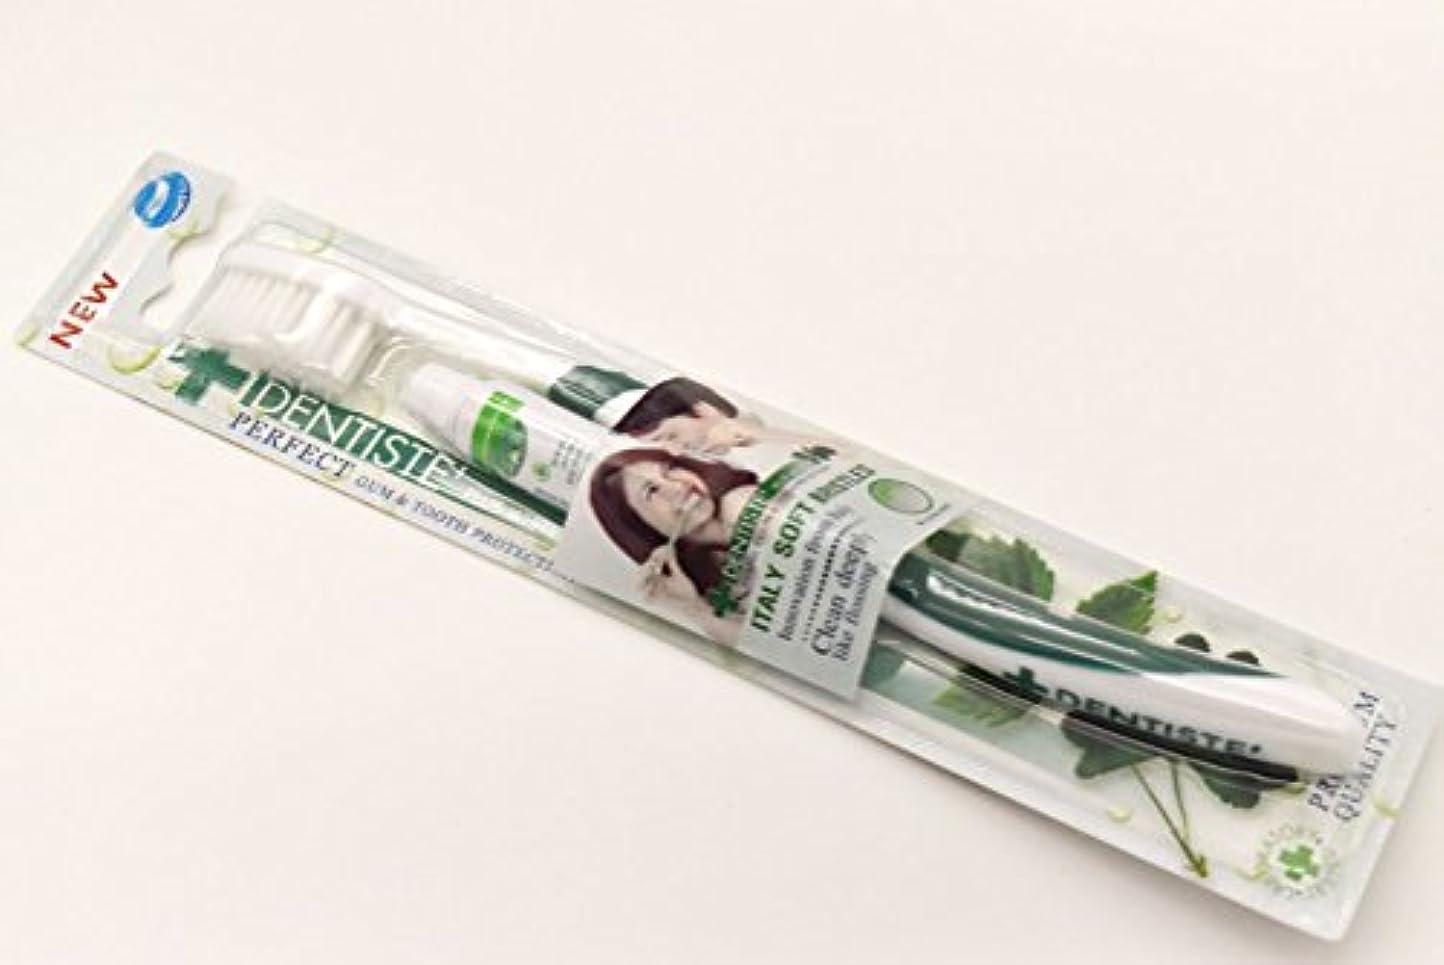 キラウエア山関係する傾くDENTISTE' デンティス 歯ブラシ 歯磨き粉5g付き (アソート歯ブラシ※色は選べません) 並行輸入品